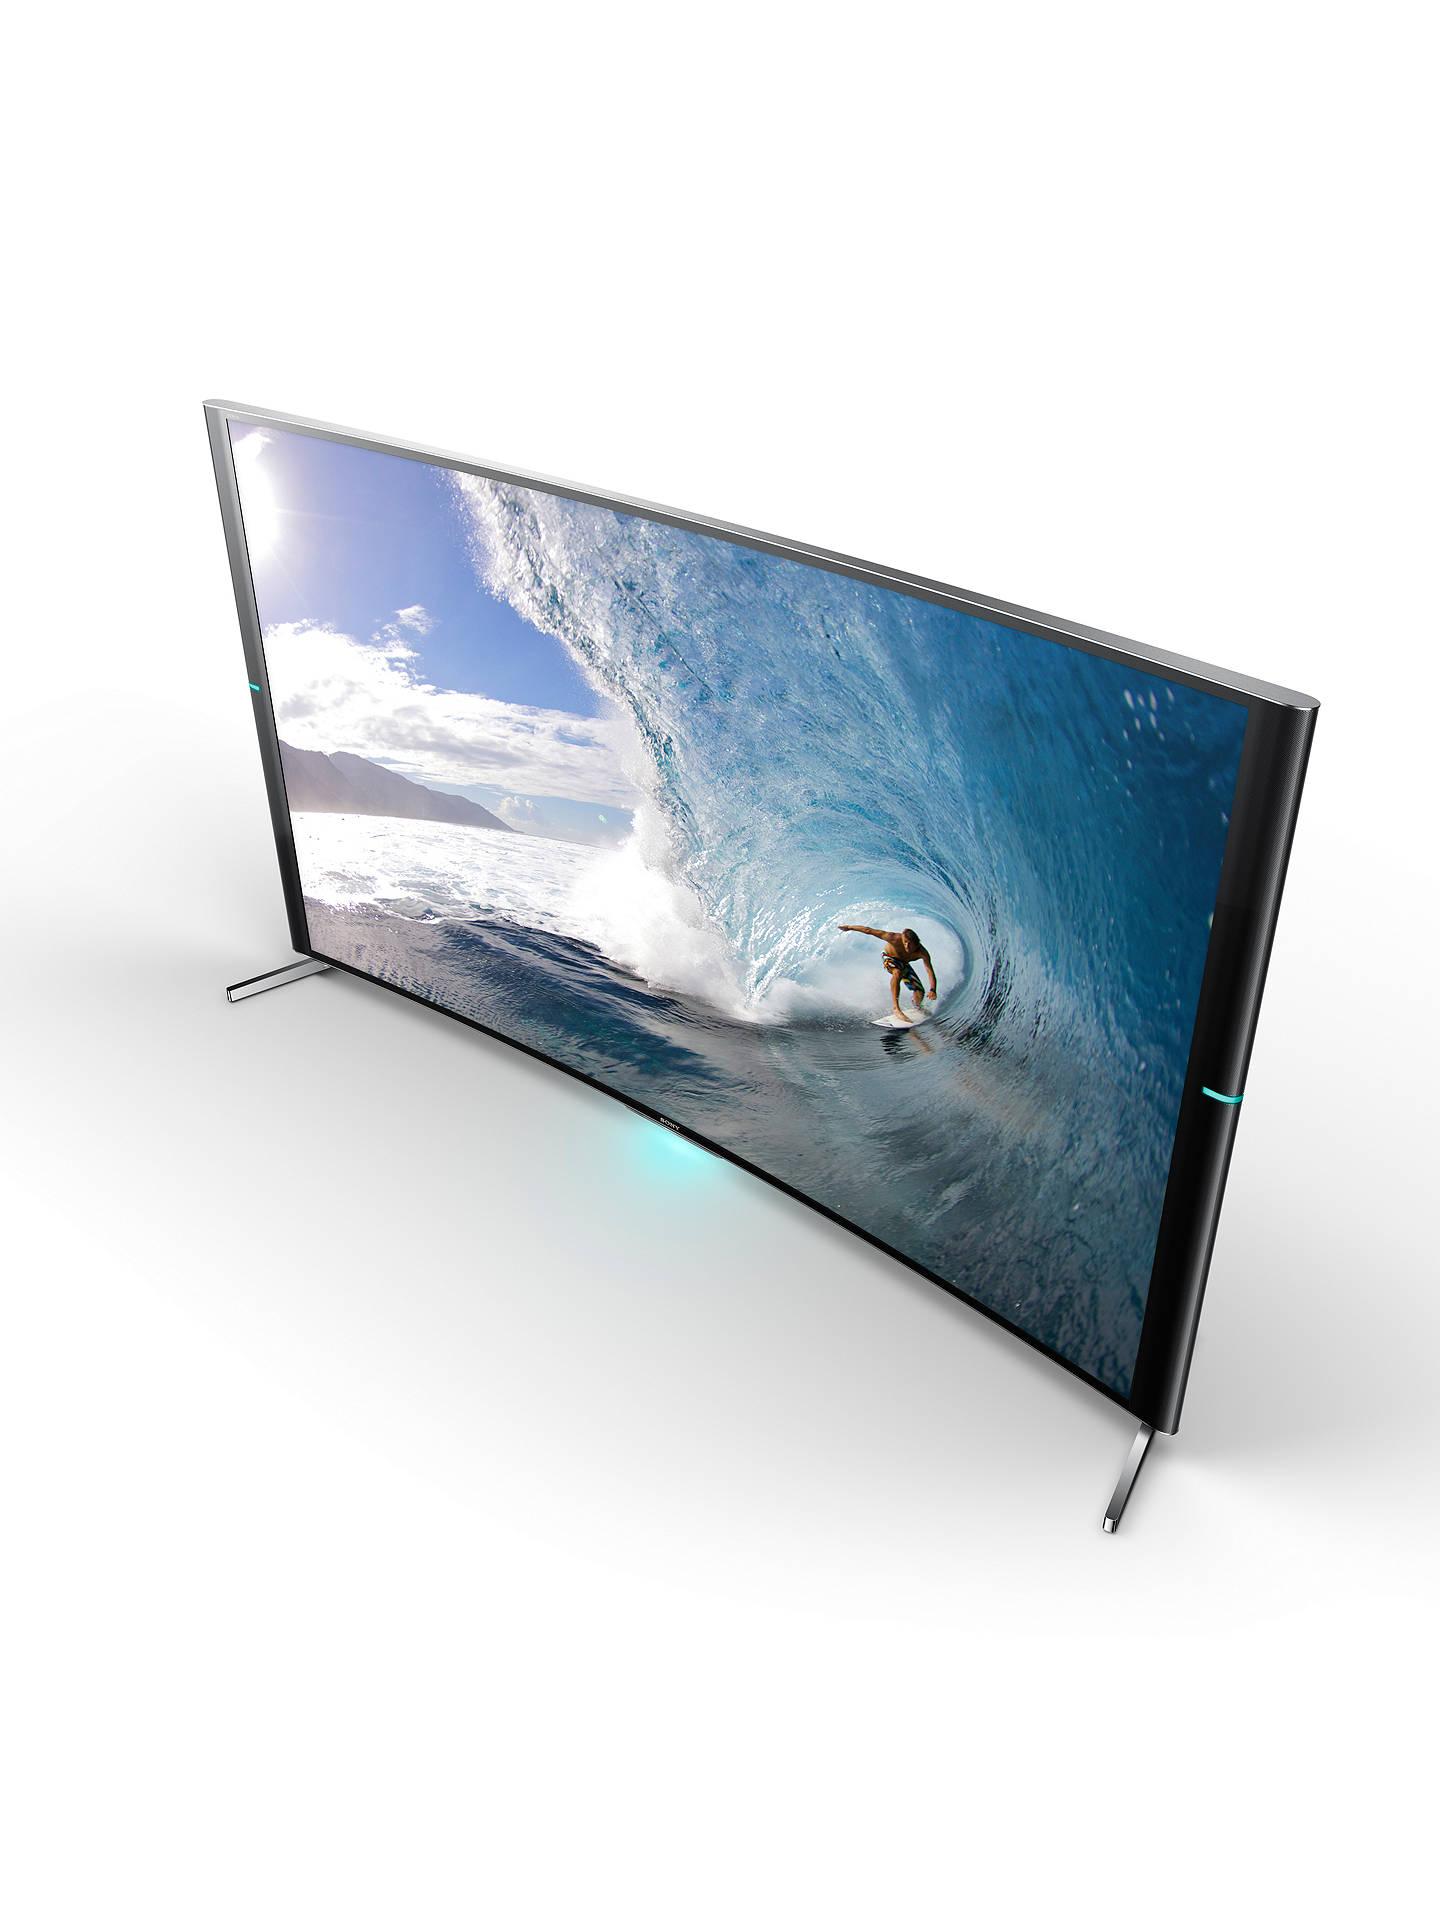 Sony Bravia KD-65S9005 Curved 4K Ultra HD Smart TV, 65